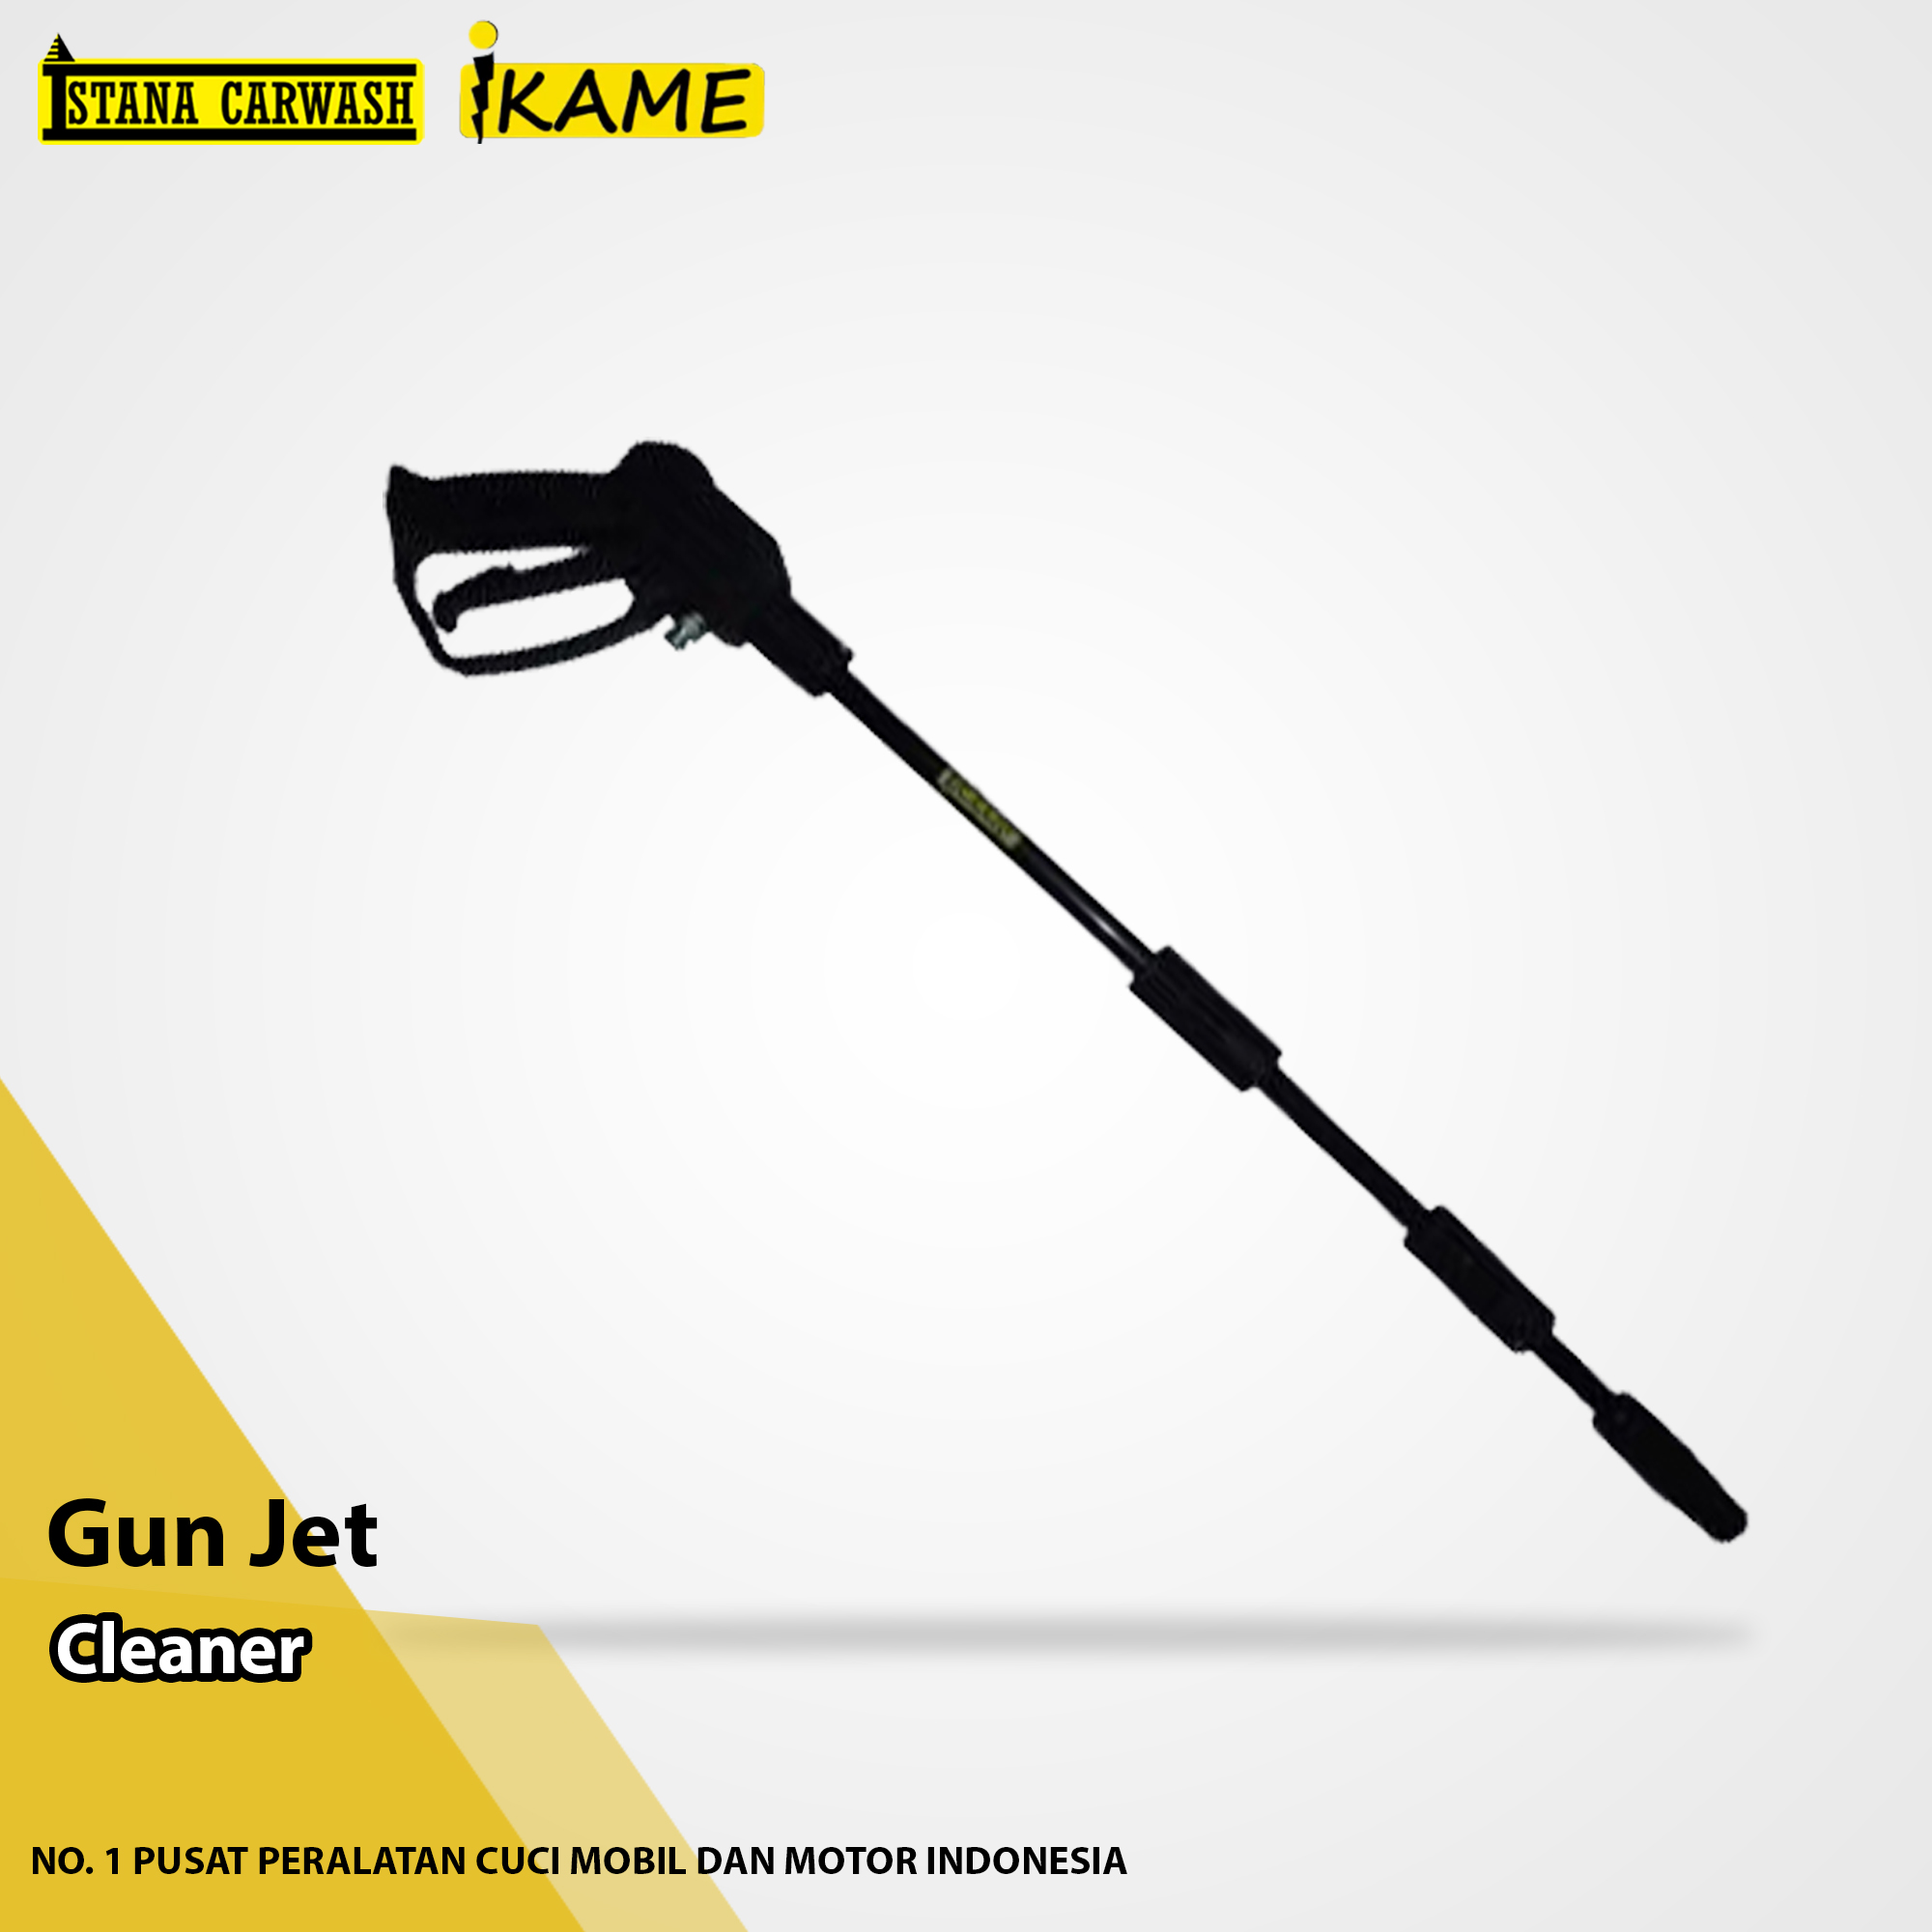 Gun Jet Cleaner